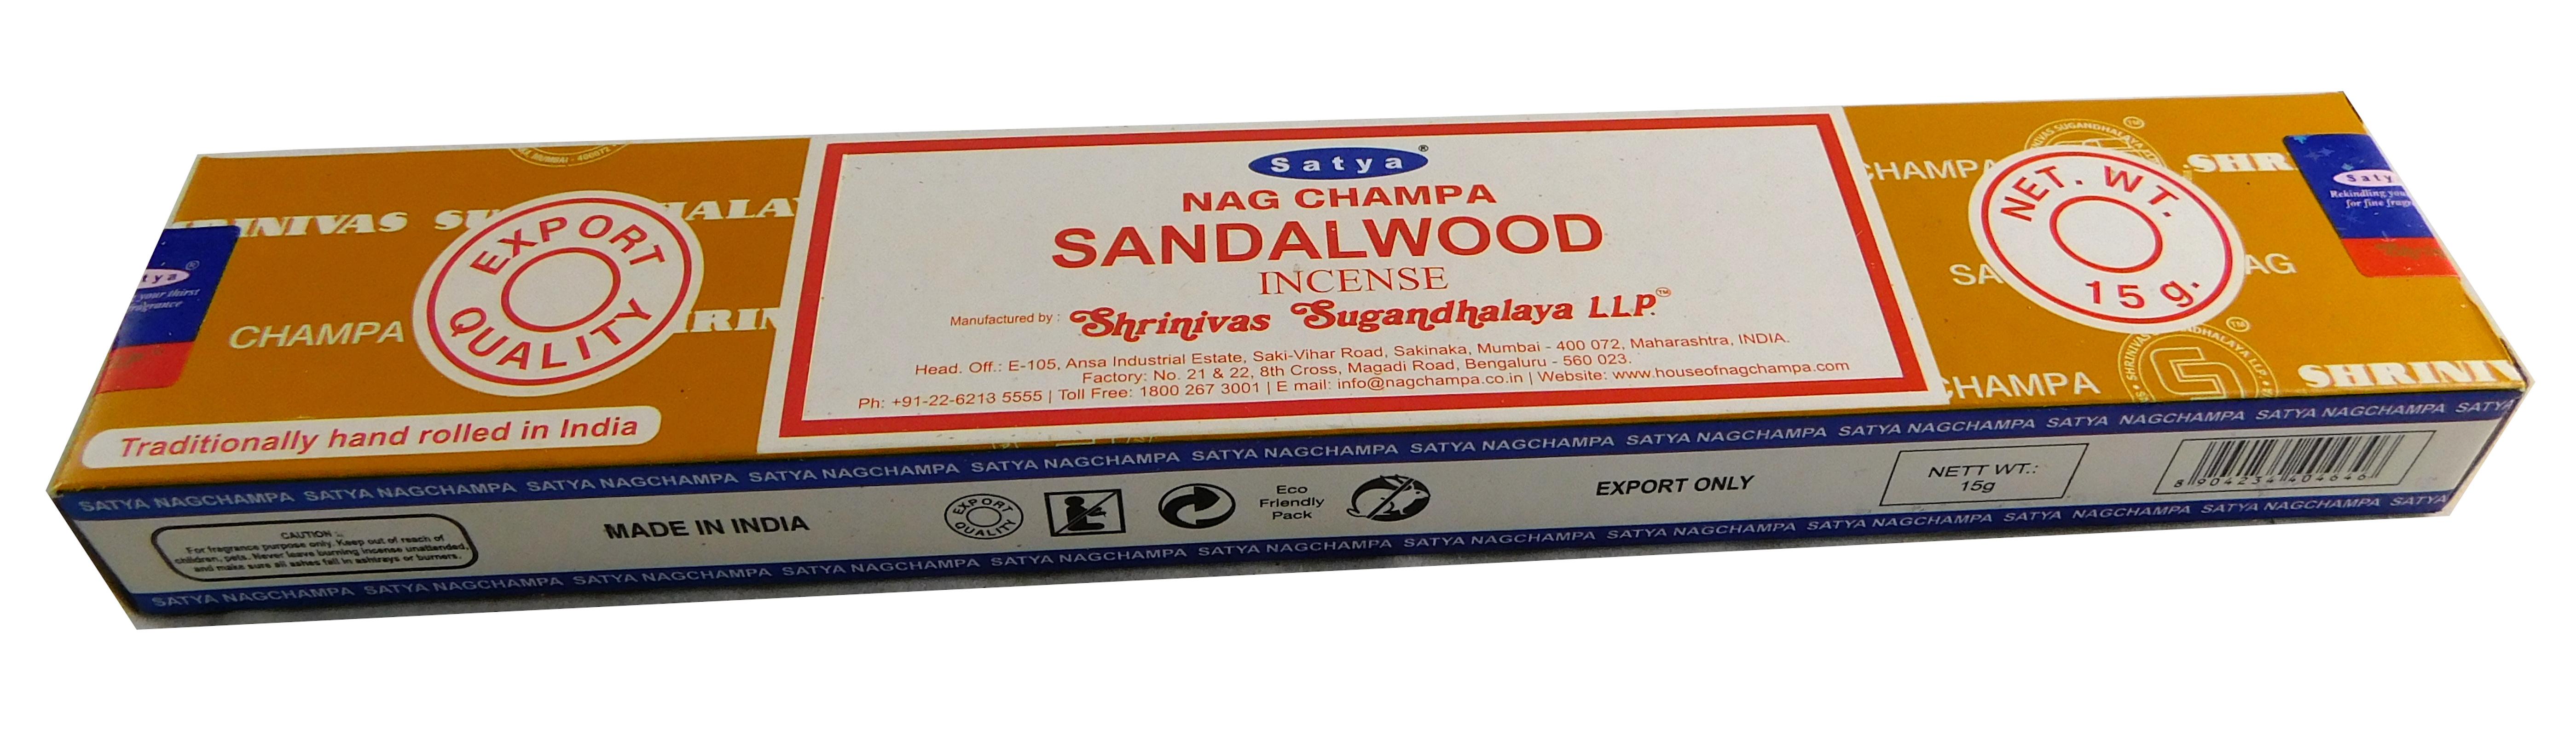 Räucherstäbchen Sandalwood von Satya 15g Packung. Ca. 15 Incence Sticks